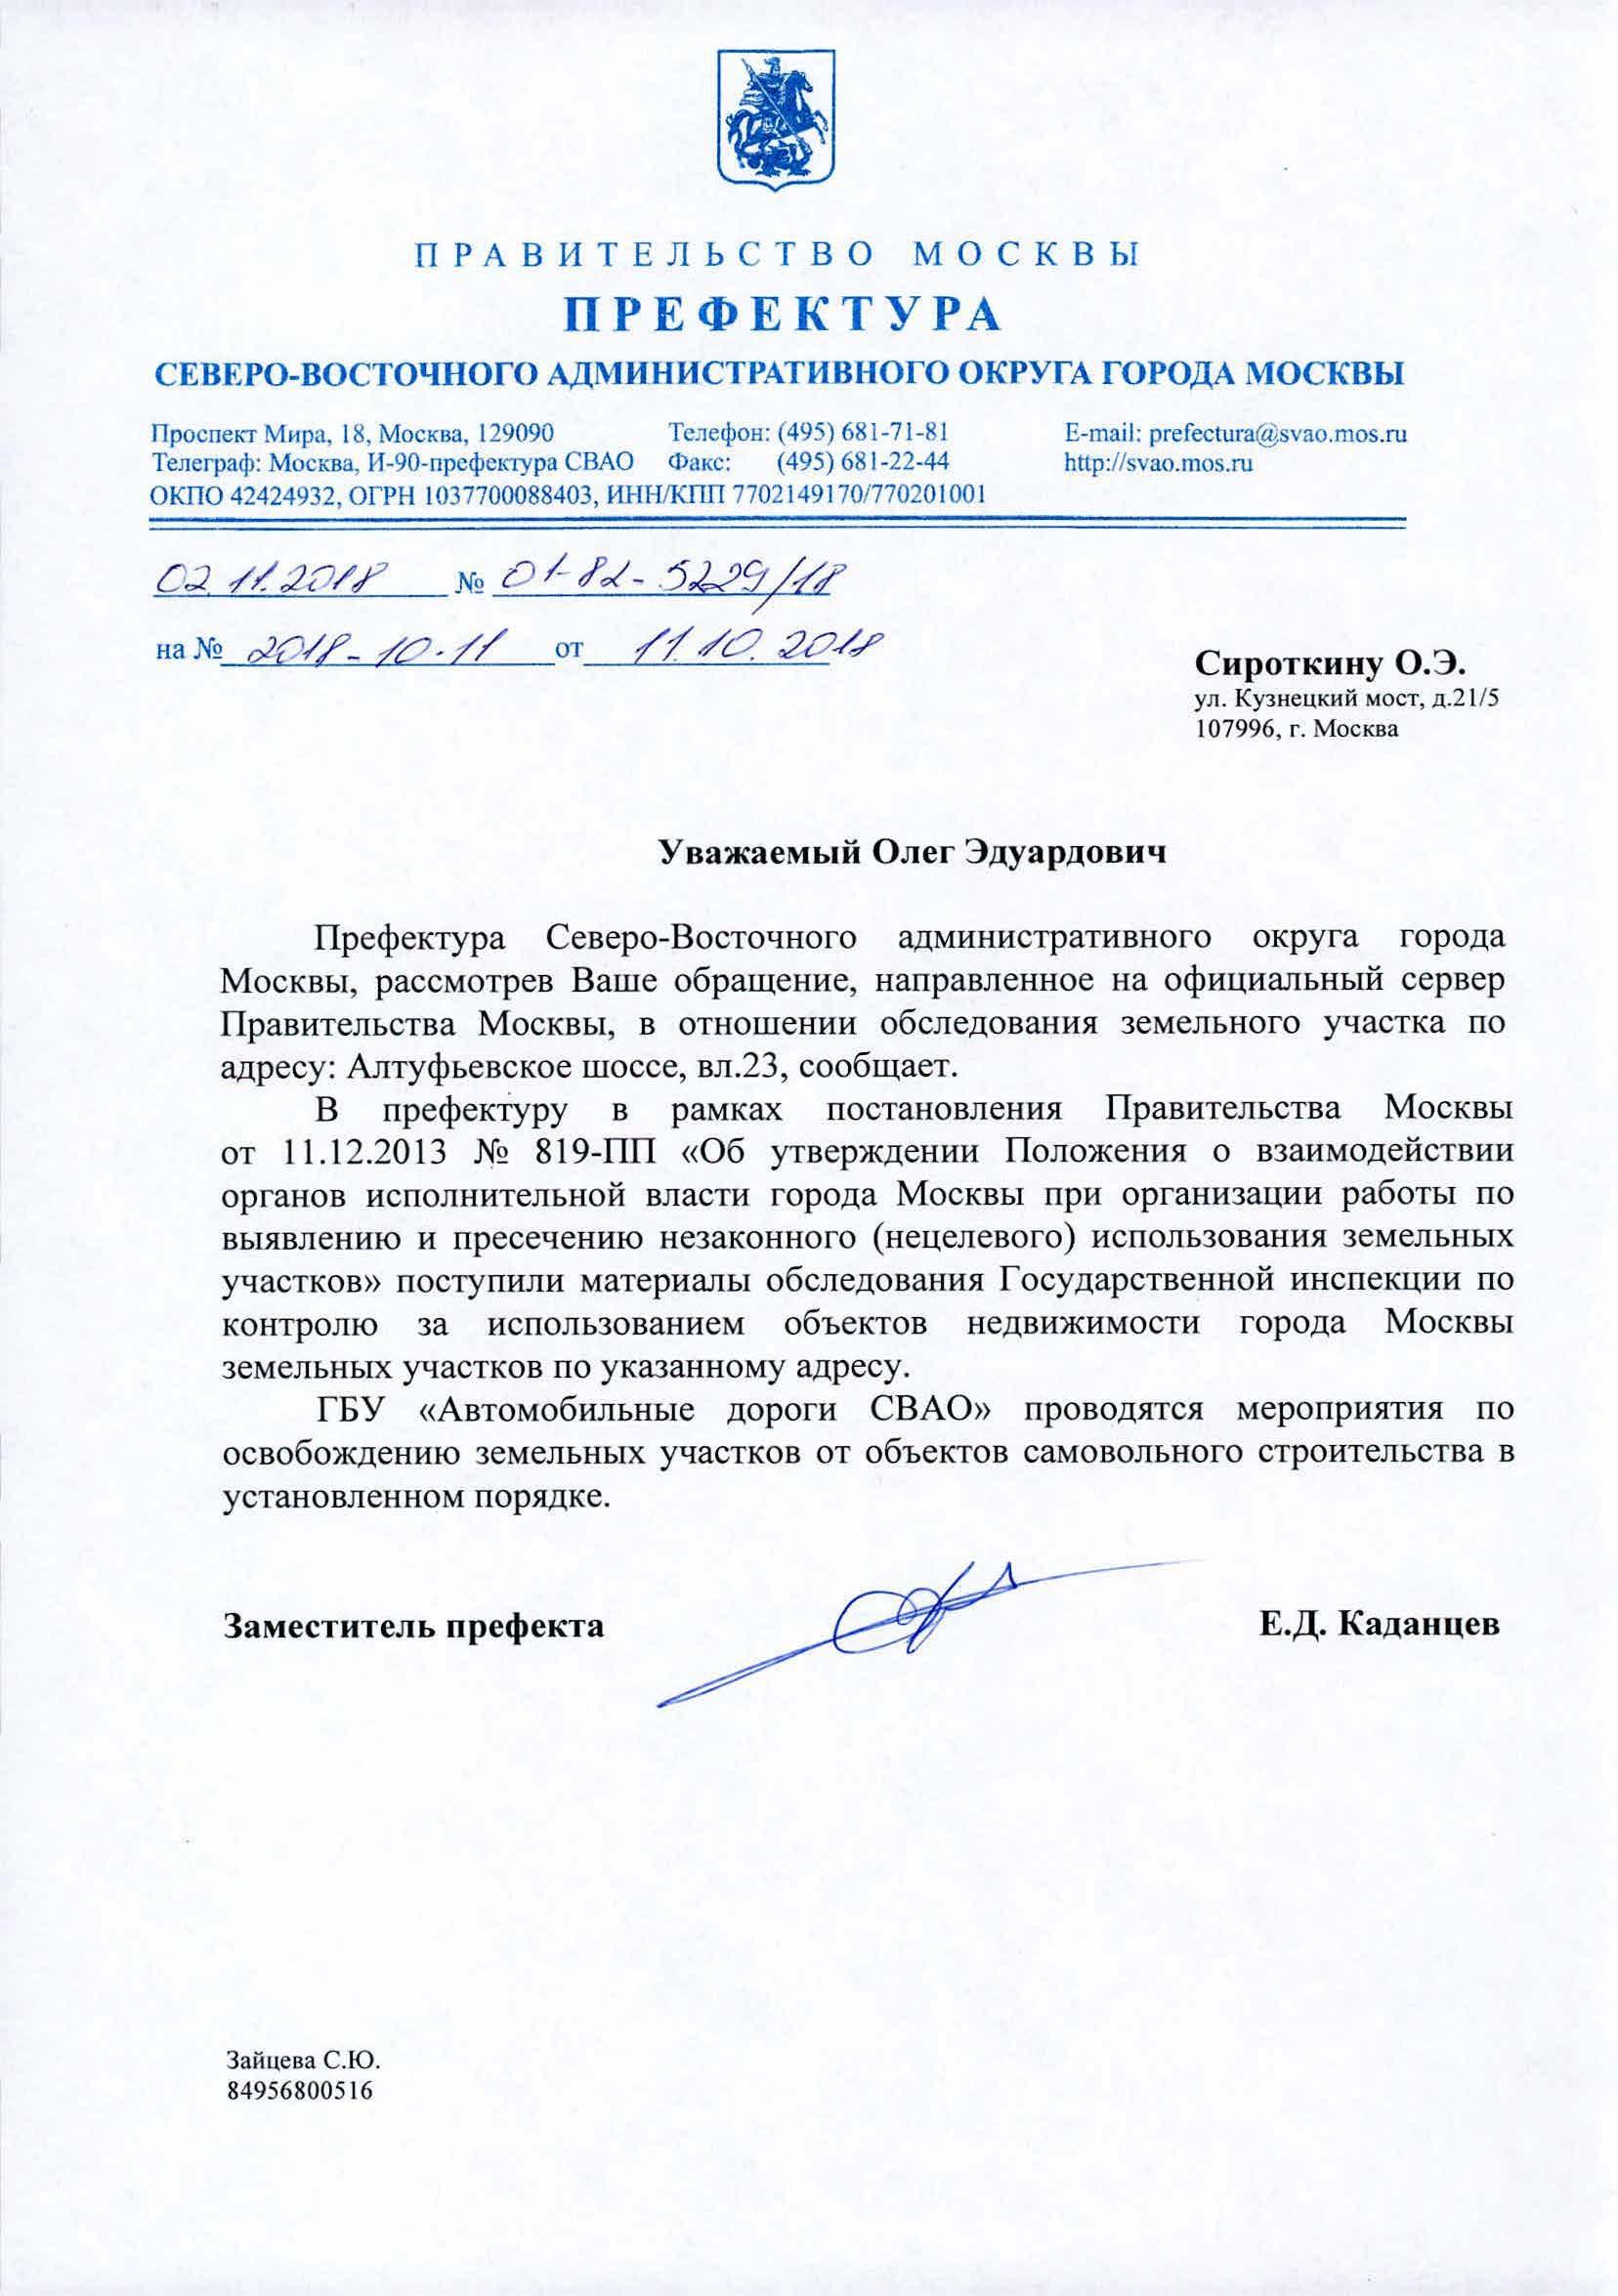 Ипотека в москве первоначальный взнос